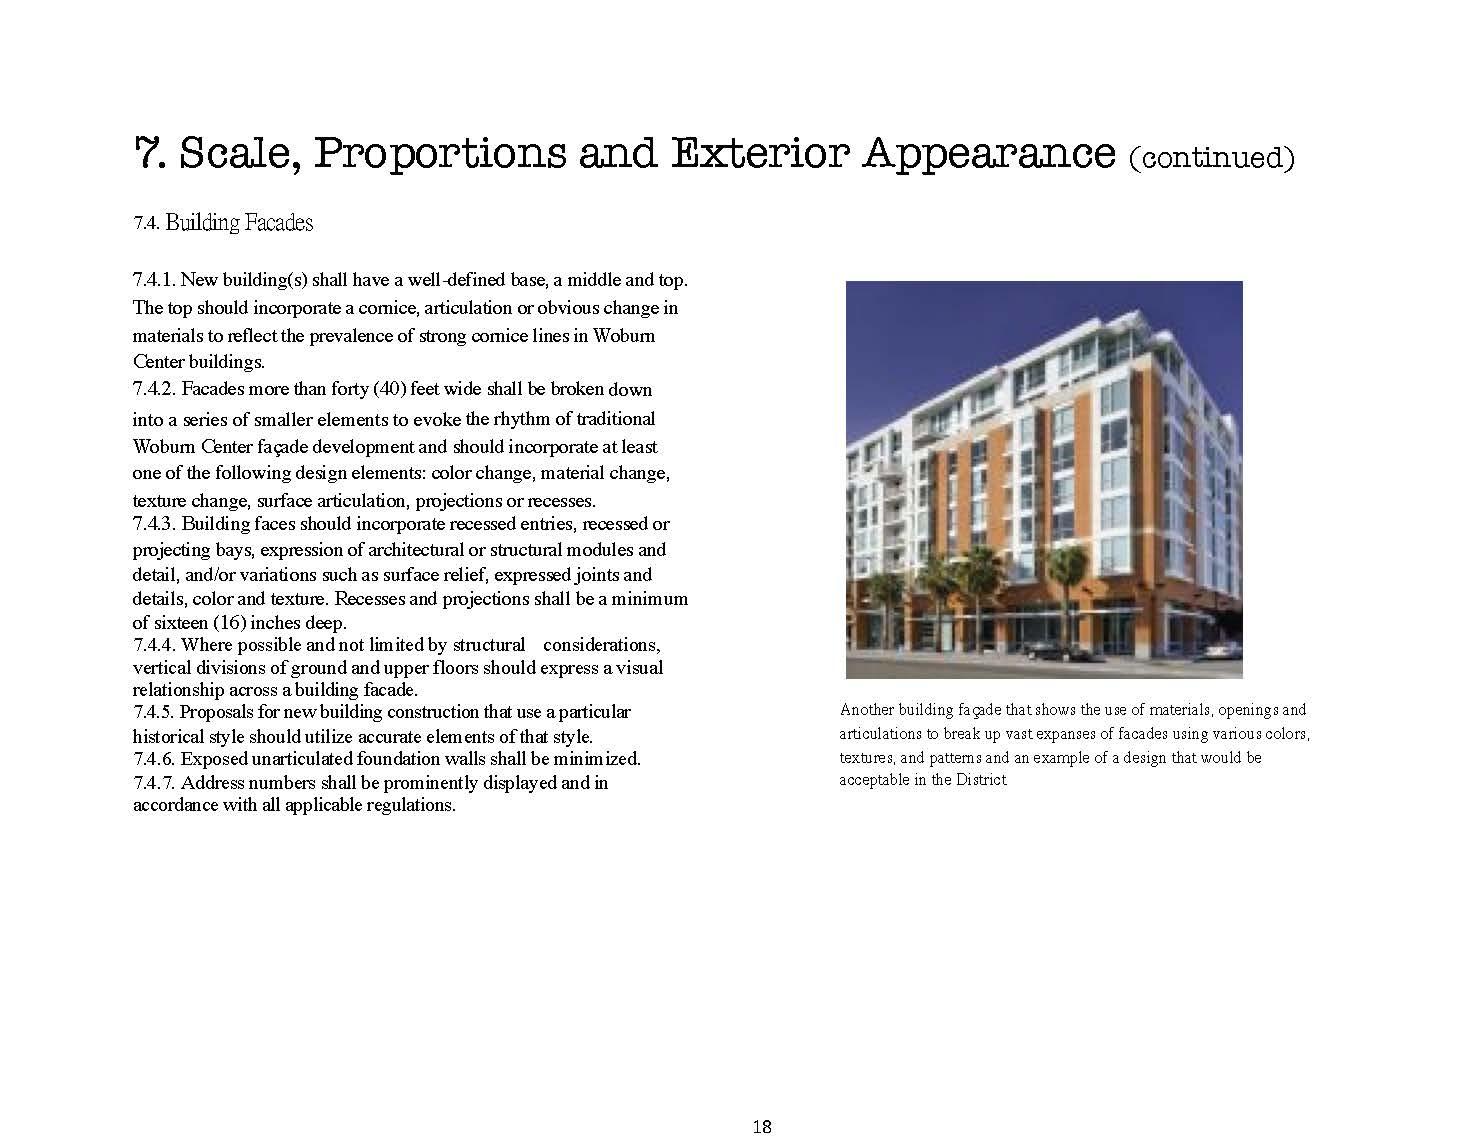 Federal_Woburn_Design Standards_v071017r_Page_18.jpg